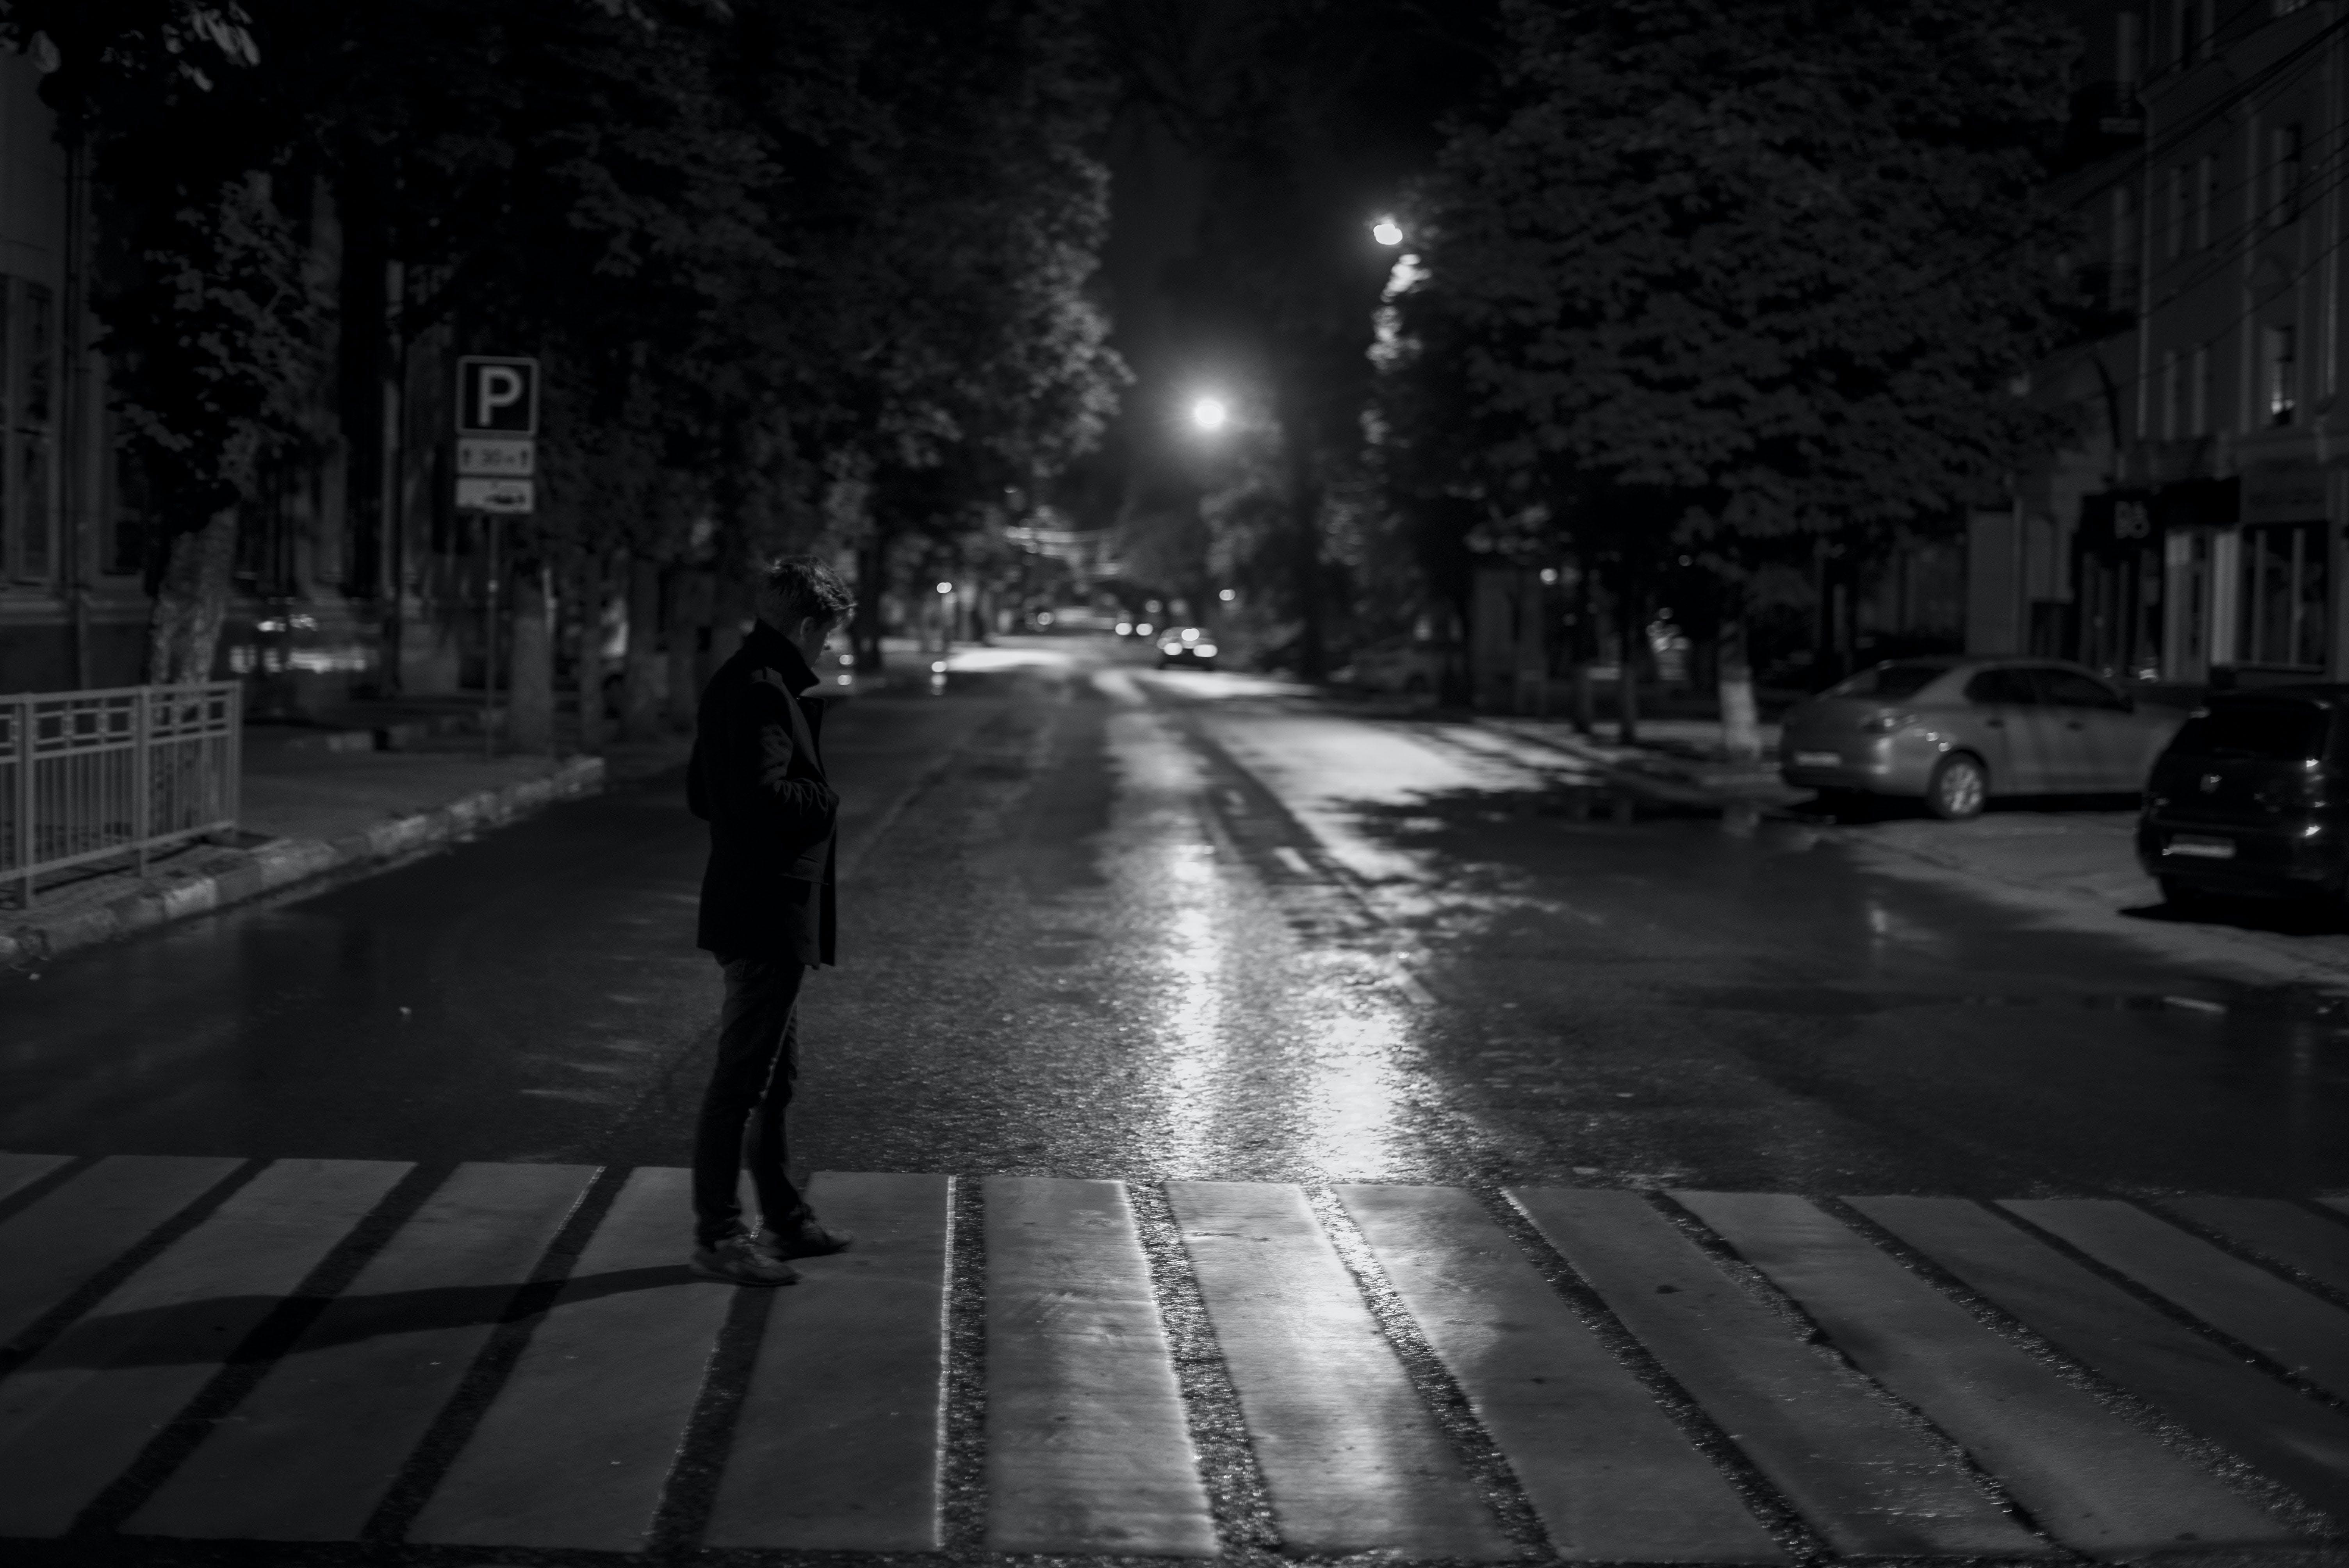 交通系統, 人, 人行道, 光 的